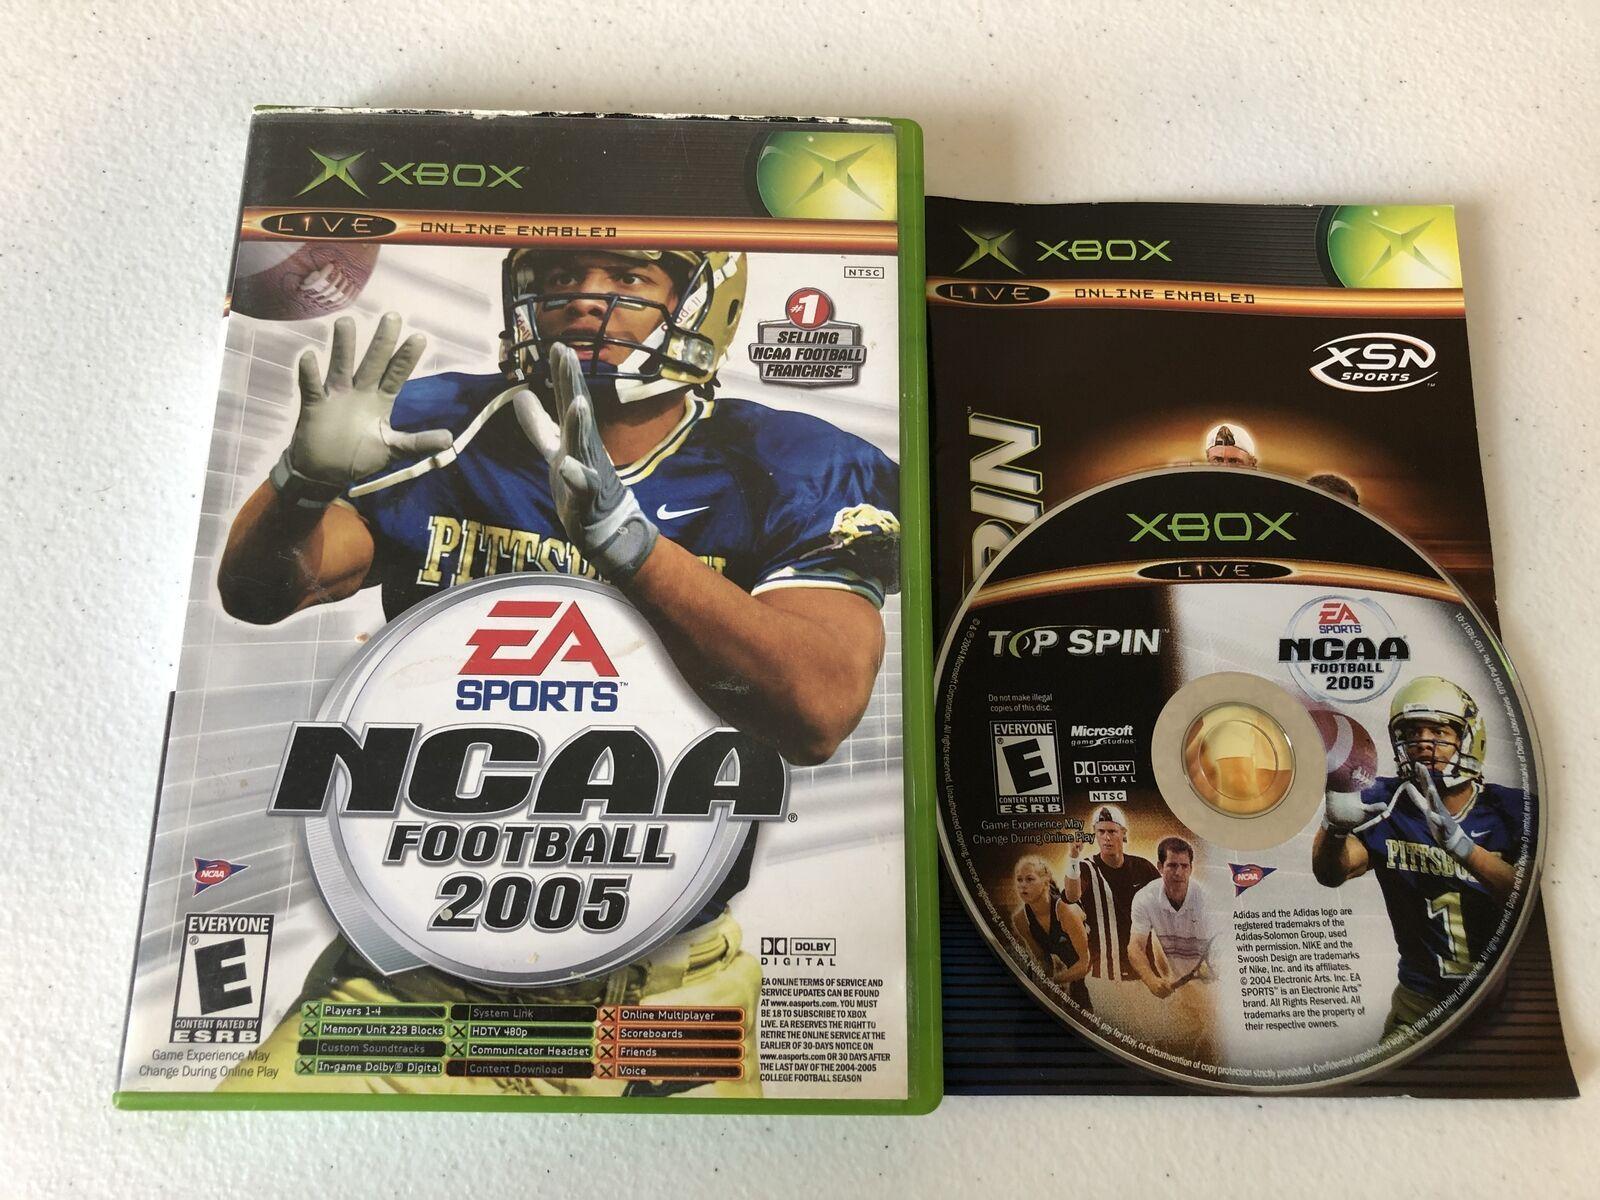 NCAA Football 2005 Top Spin Combo - Original Xbox - Complete CIB